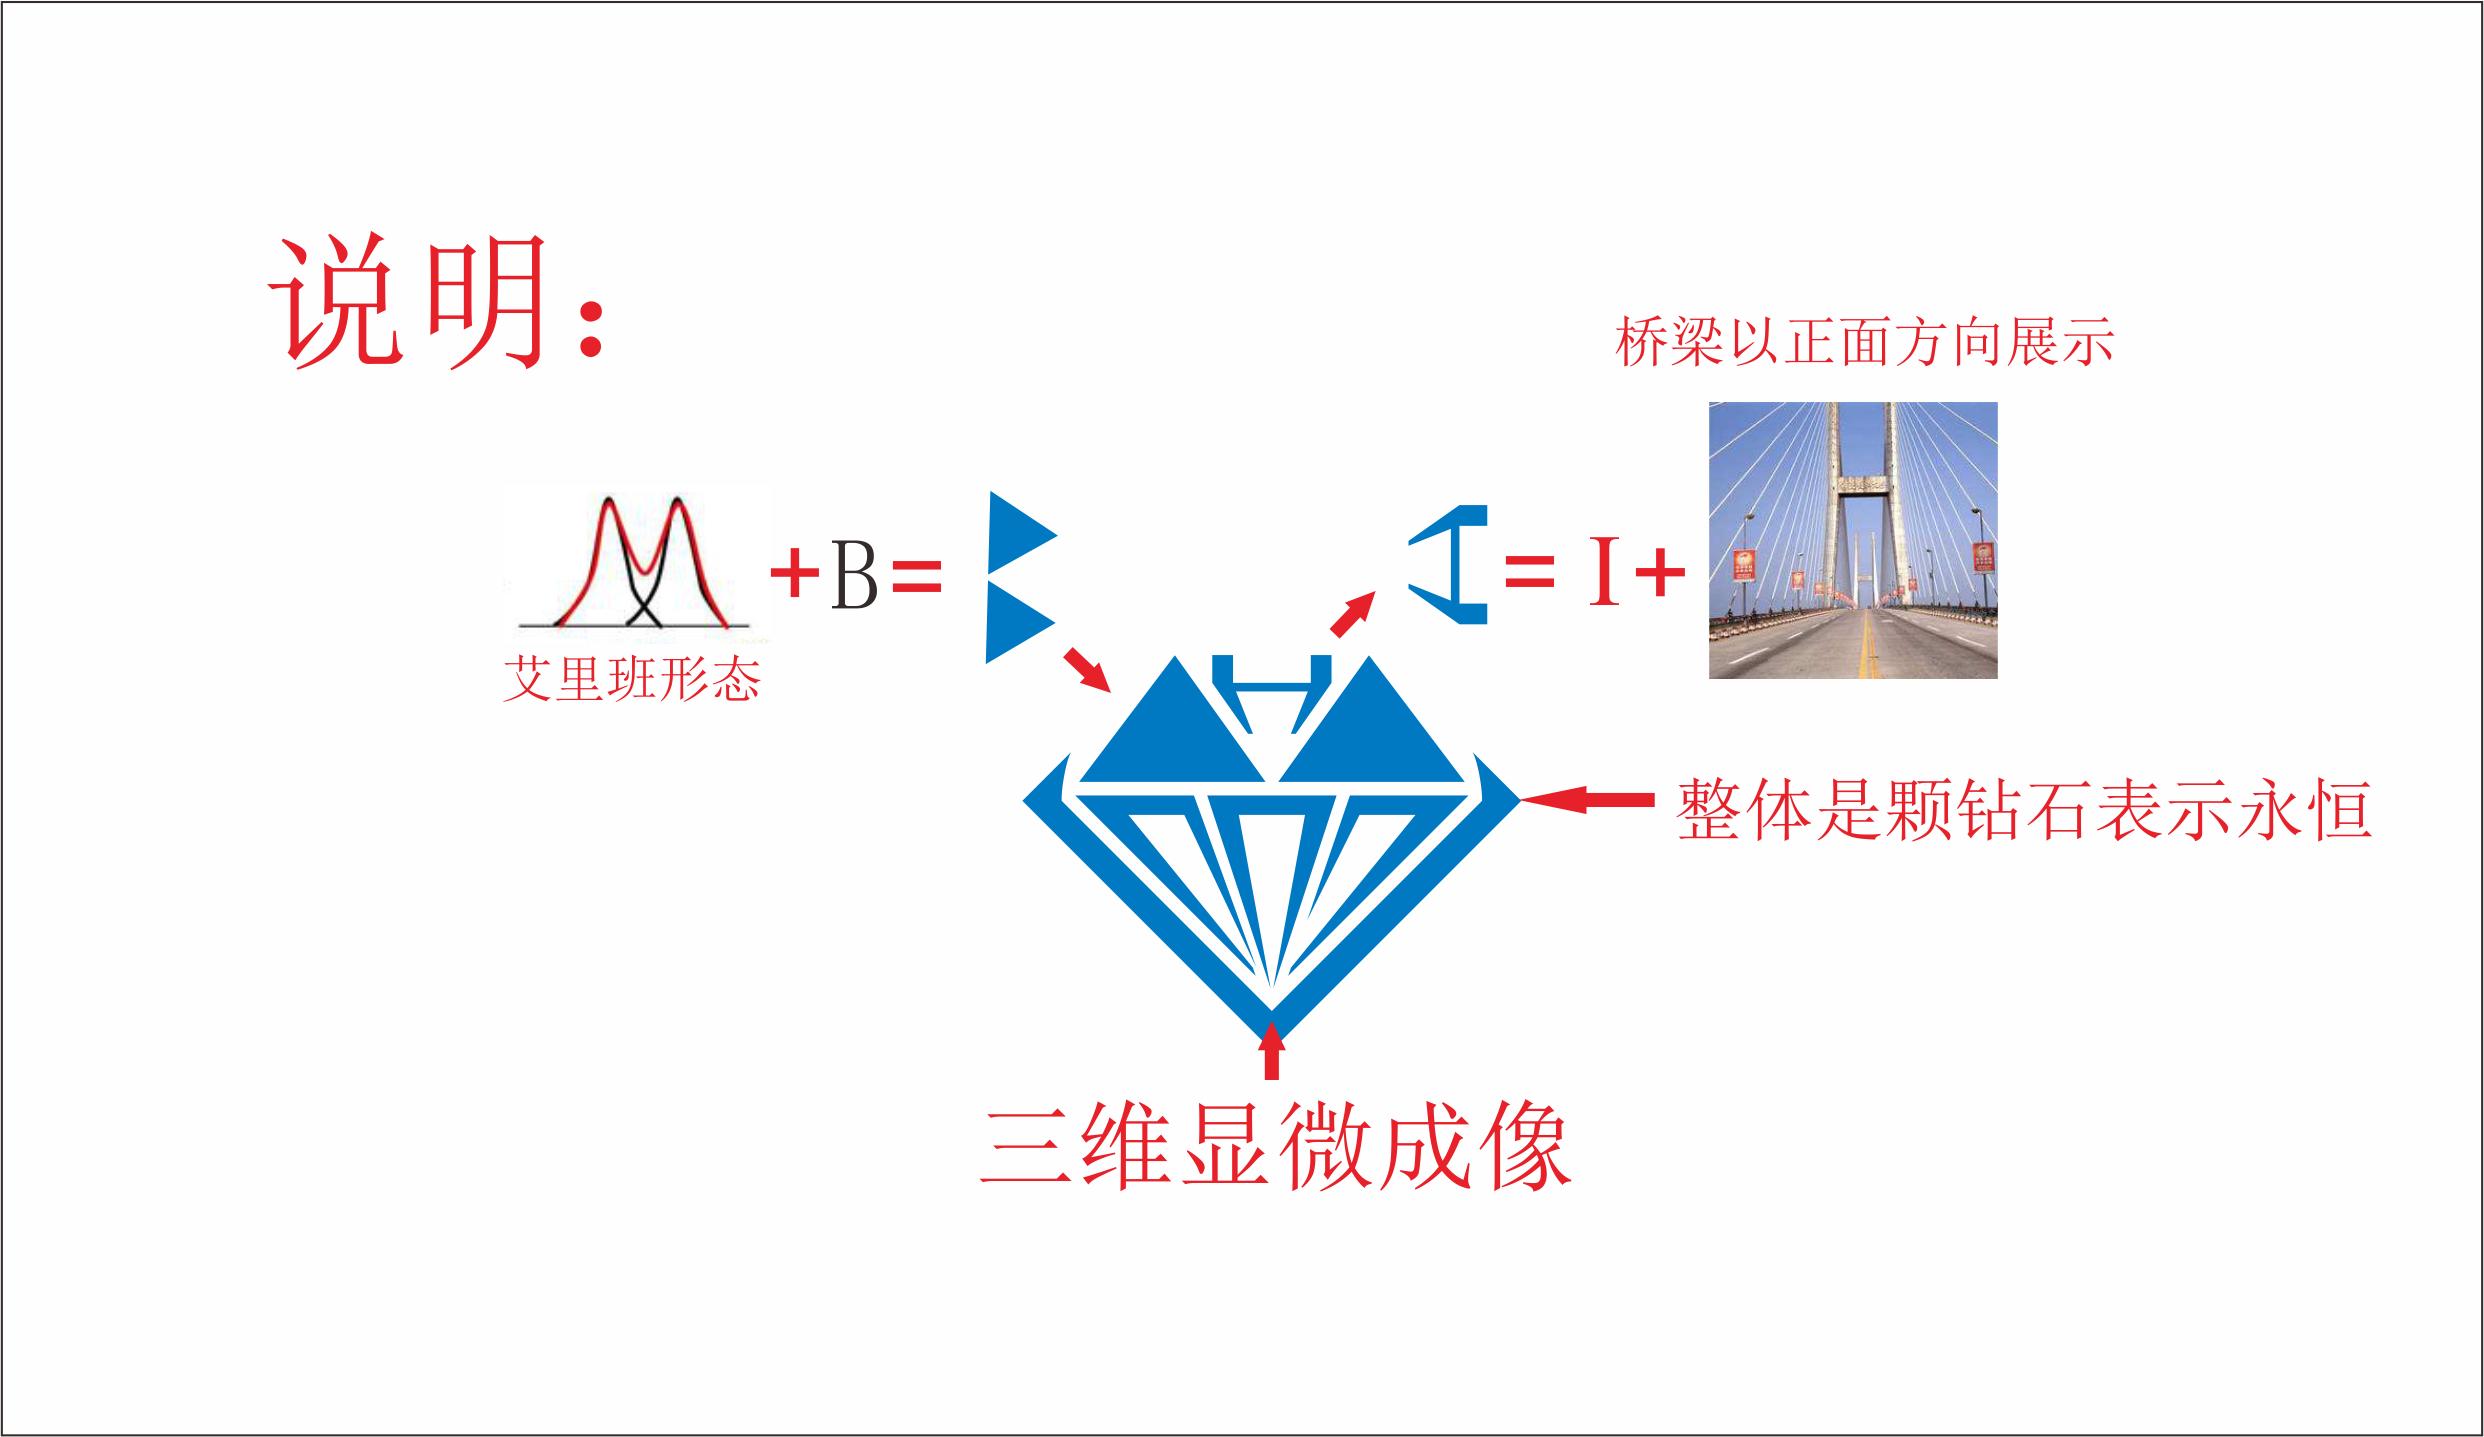 科学仪器logo设计(要求有更新)_3022338_k68威客网